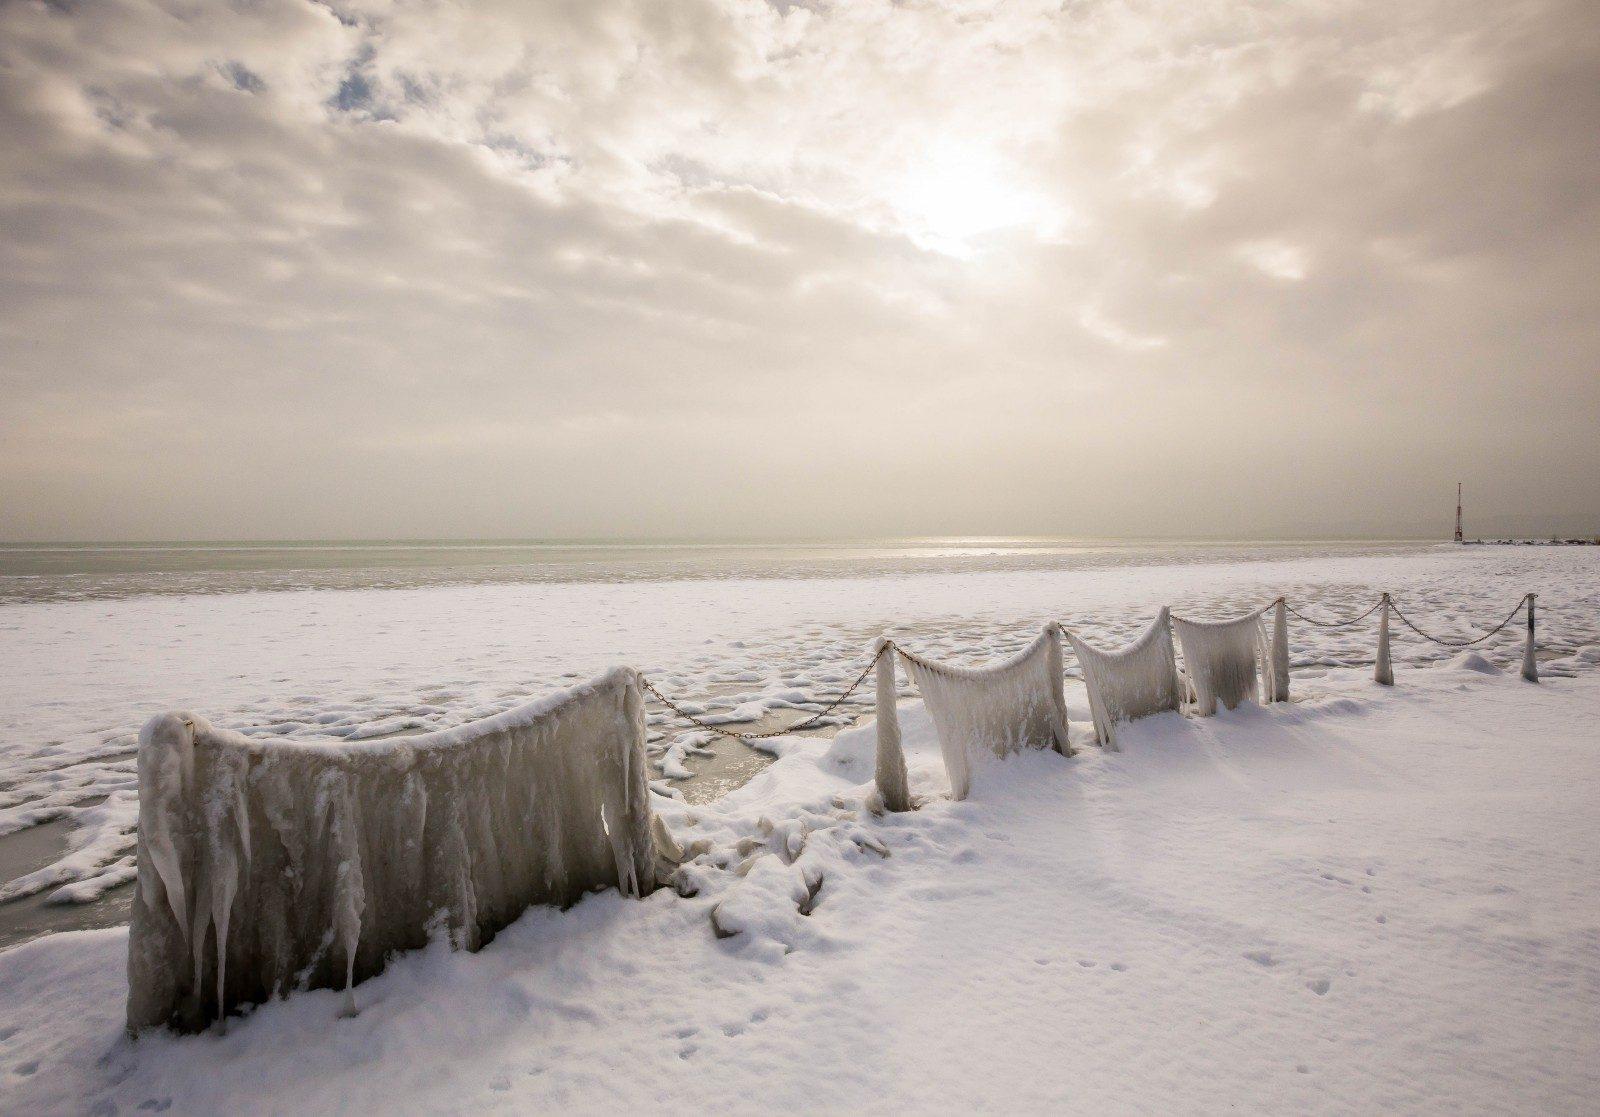 IMG_2169- Csopaki jégcsapok